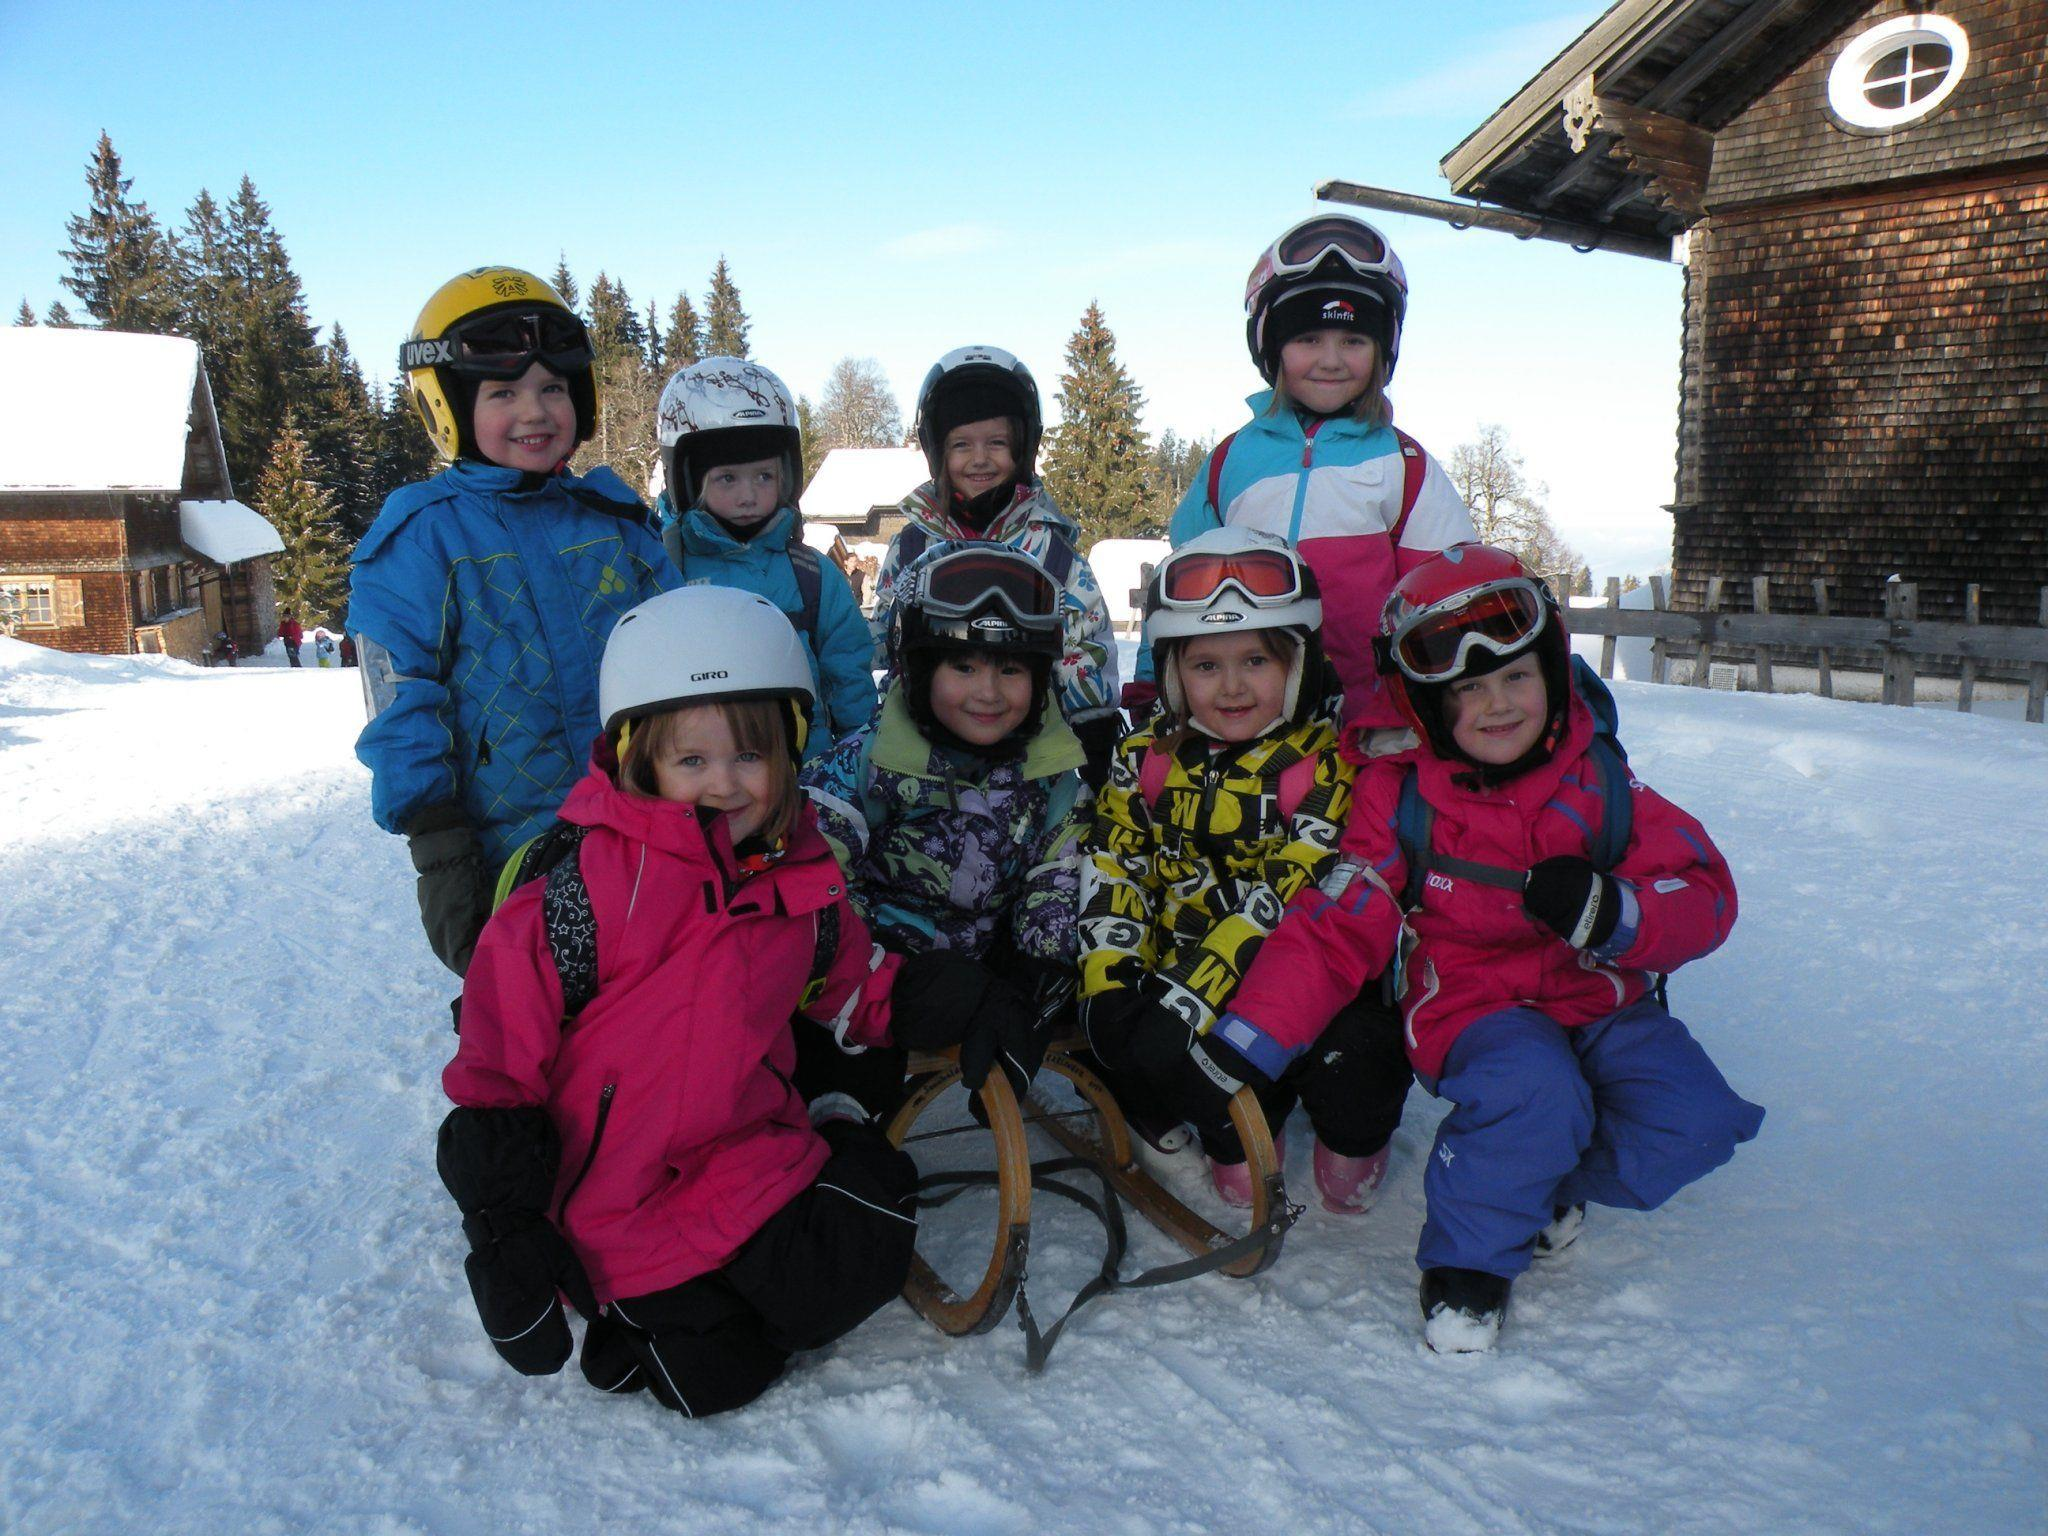 Kleine Wintersportler auf dem Weg zum Bambini-Skirennen